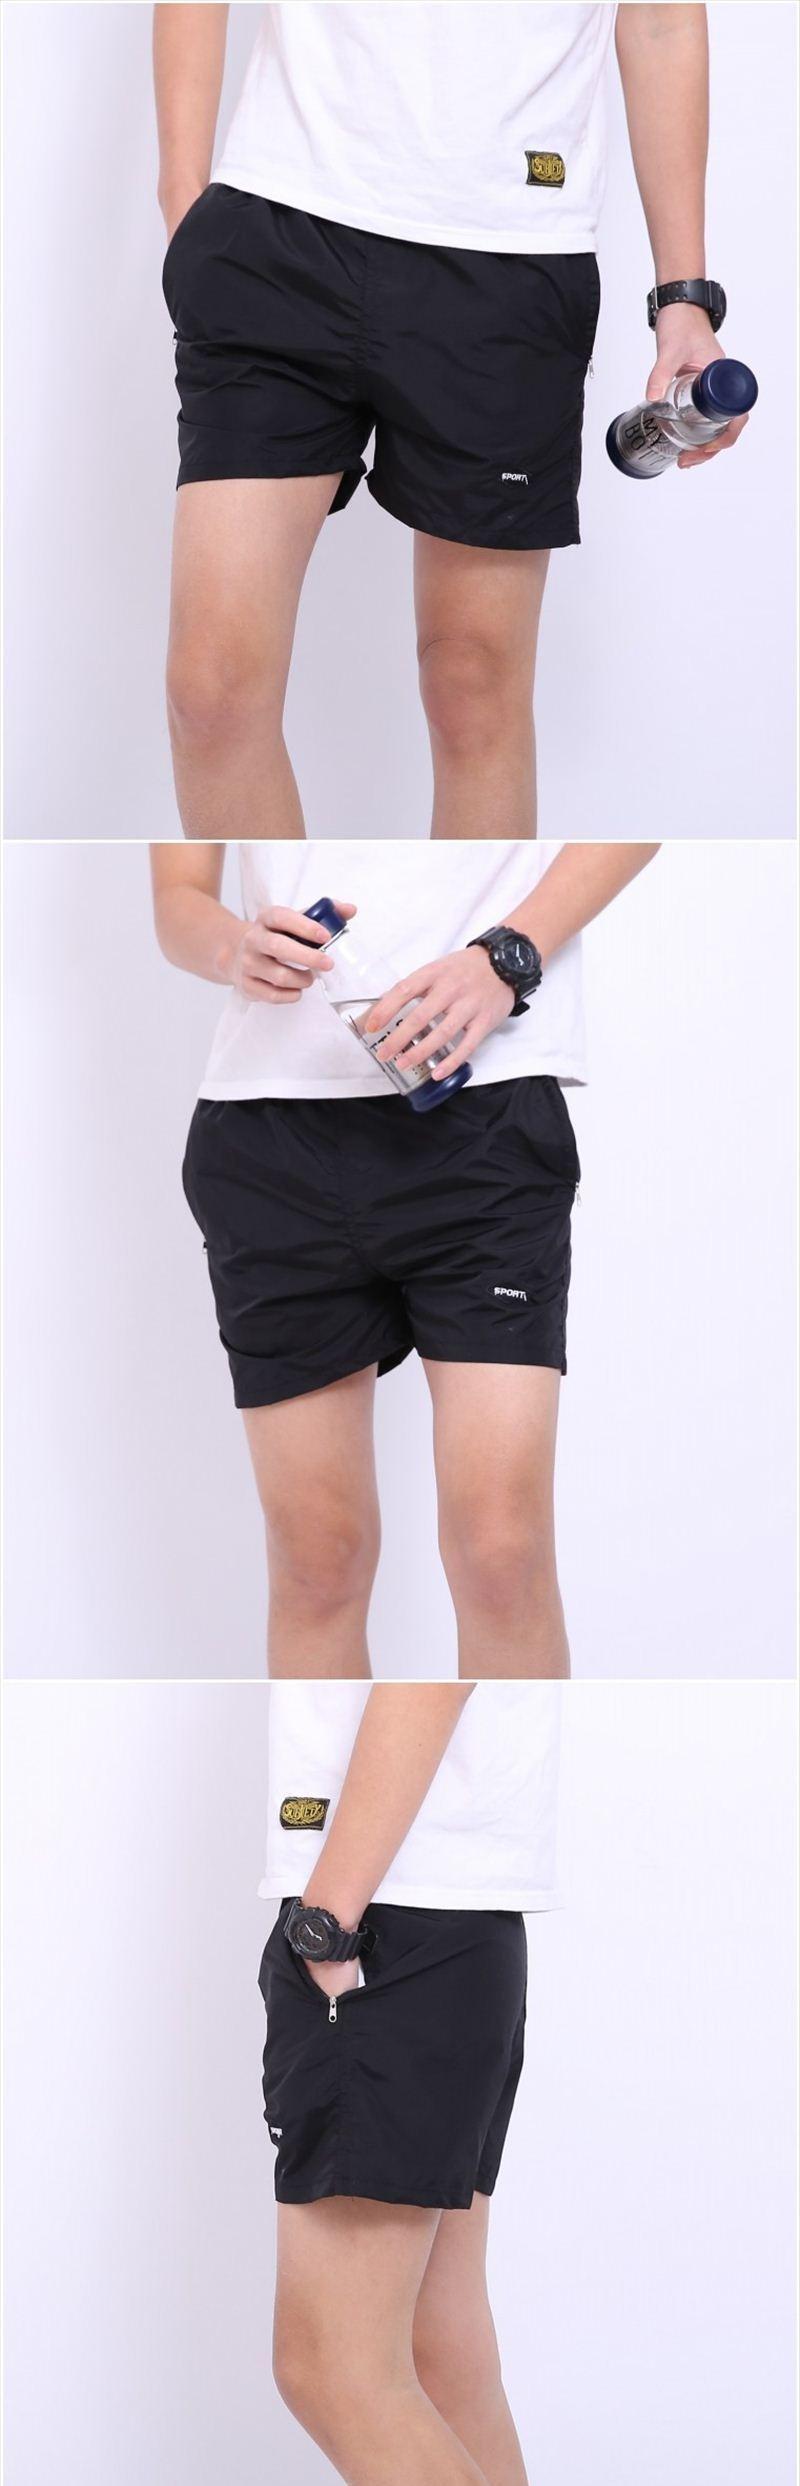 Анти-уф мужчины основные пляжные брюки спортивные шорты фитнес спортивные шорты мужские брюки работает мода брюки высокое качество